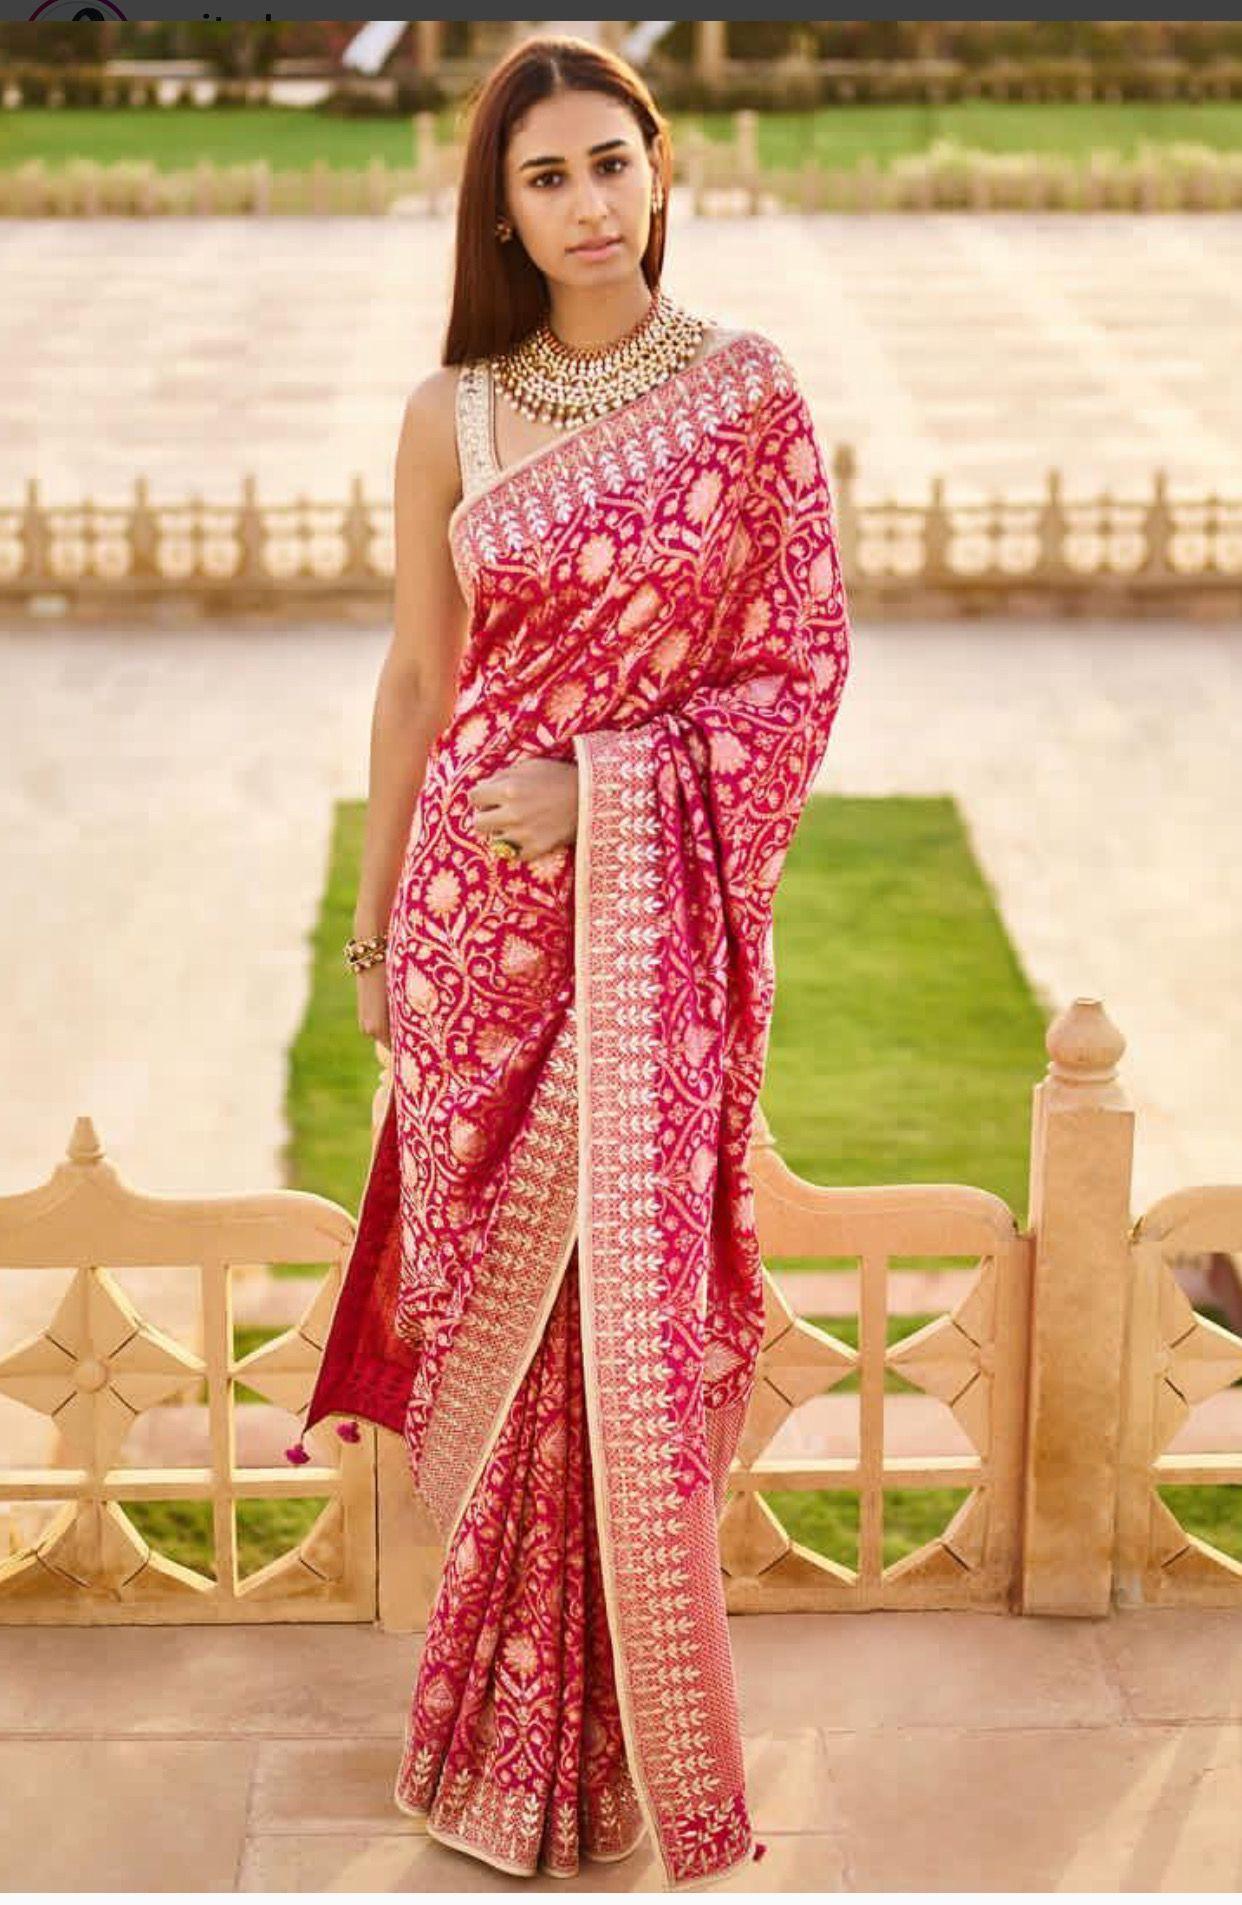 Pin by nagashrree c k on sarees pinterest saree indian and dresses